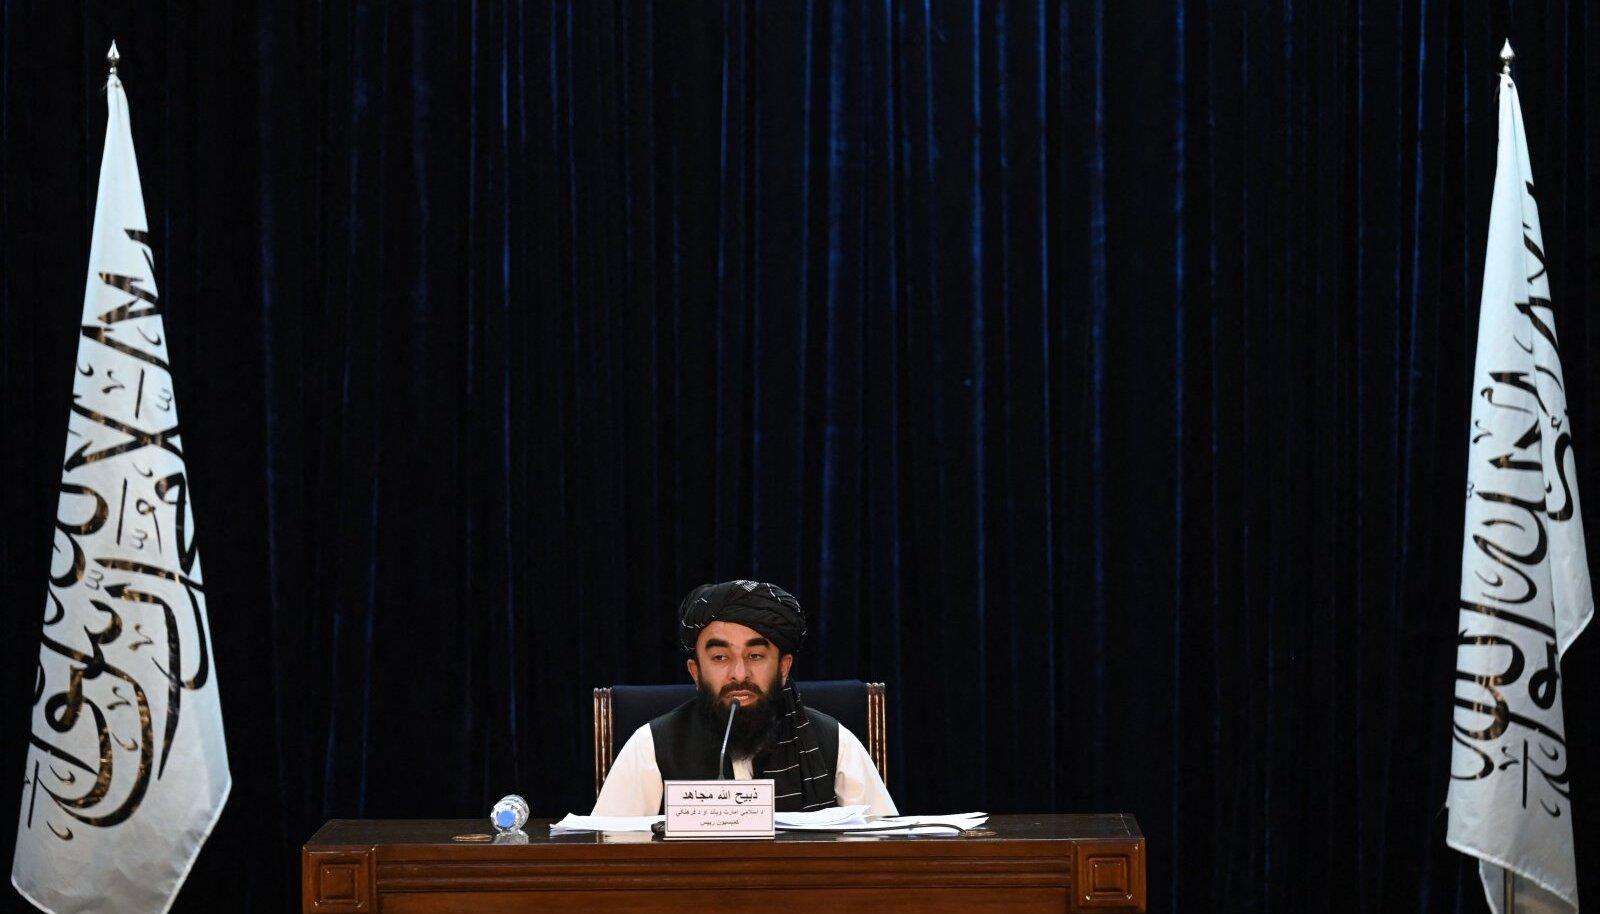 Talibani pressiesindaja Zabihullah Mujahid avalikustas uue valitsuse koosseisu teiispäeval.